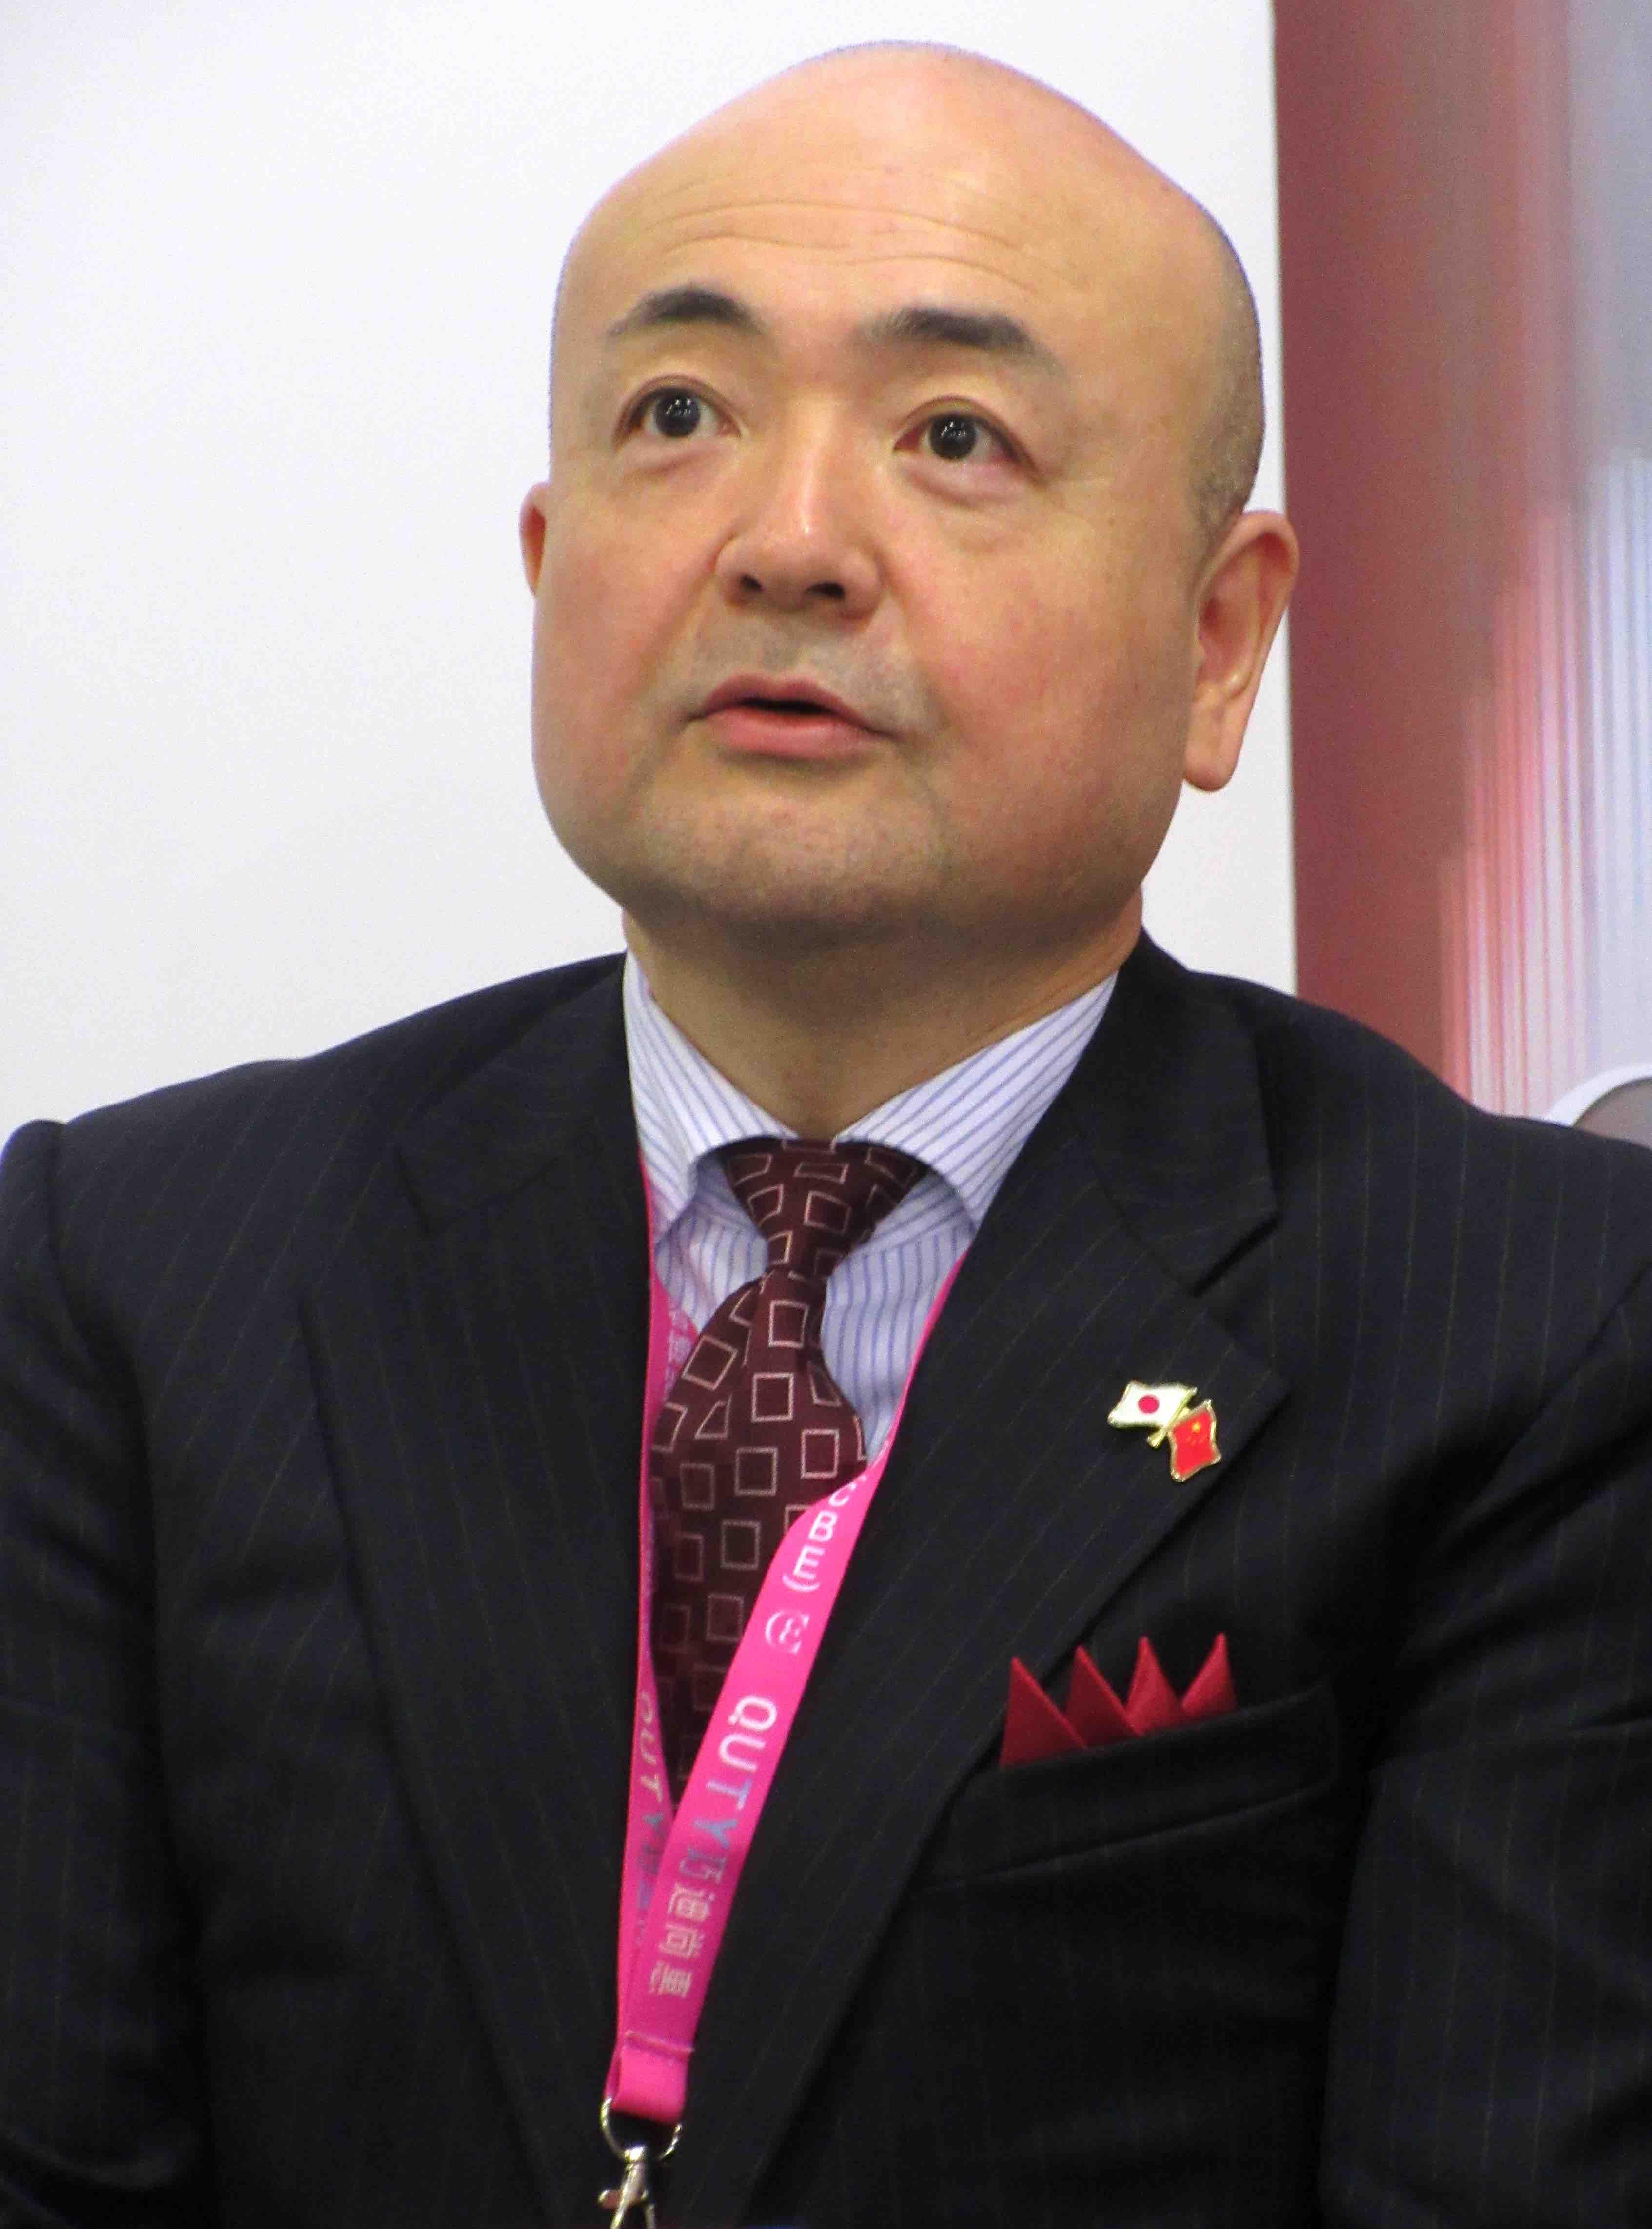 【特別インタビュー】在上海日本国総領事/片山和之氏「日中ビジネスの未来のために」